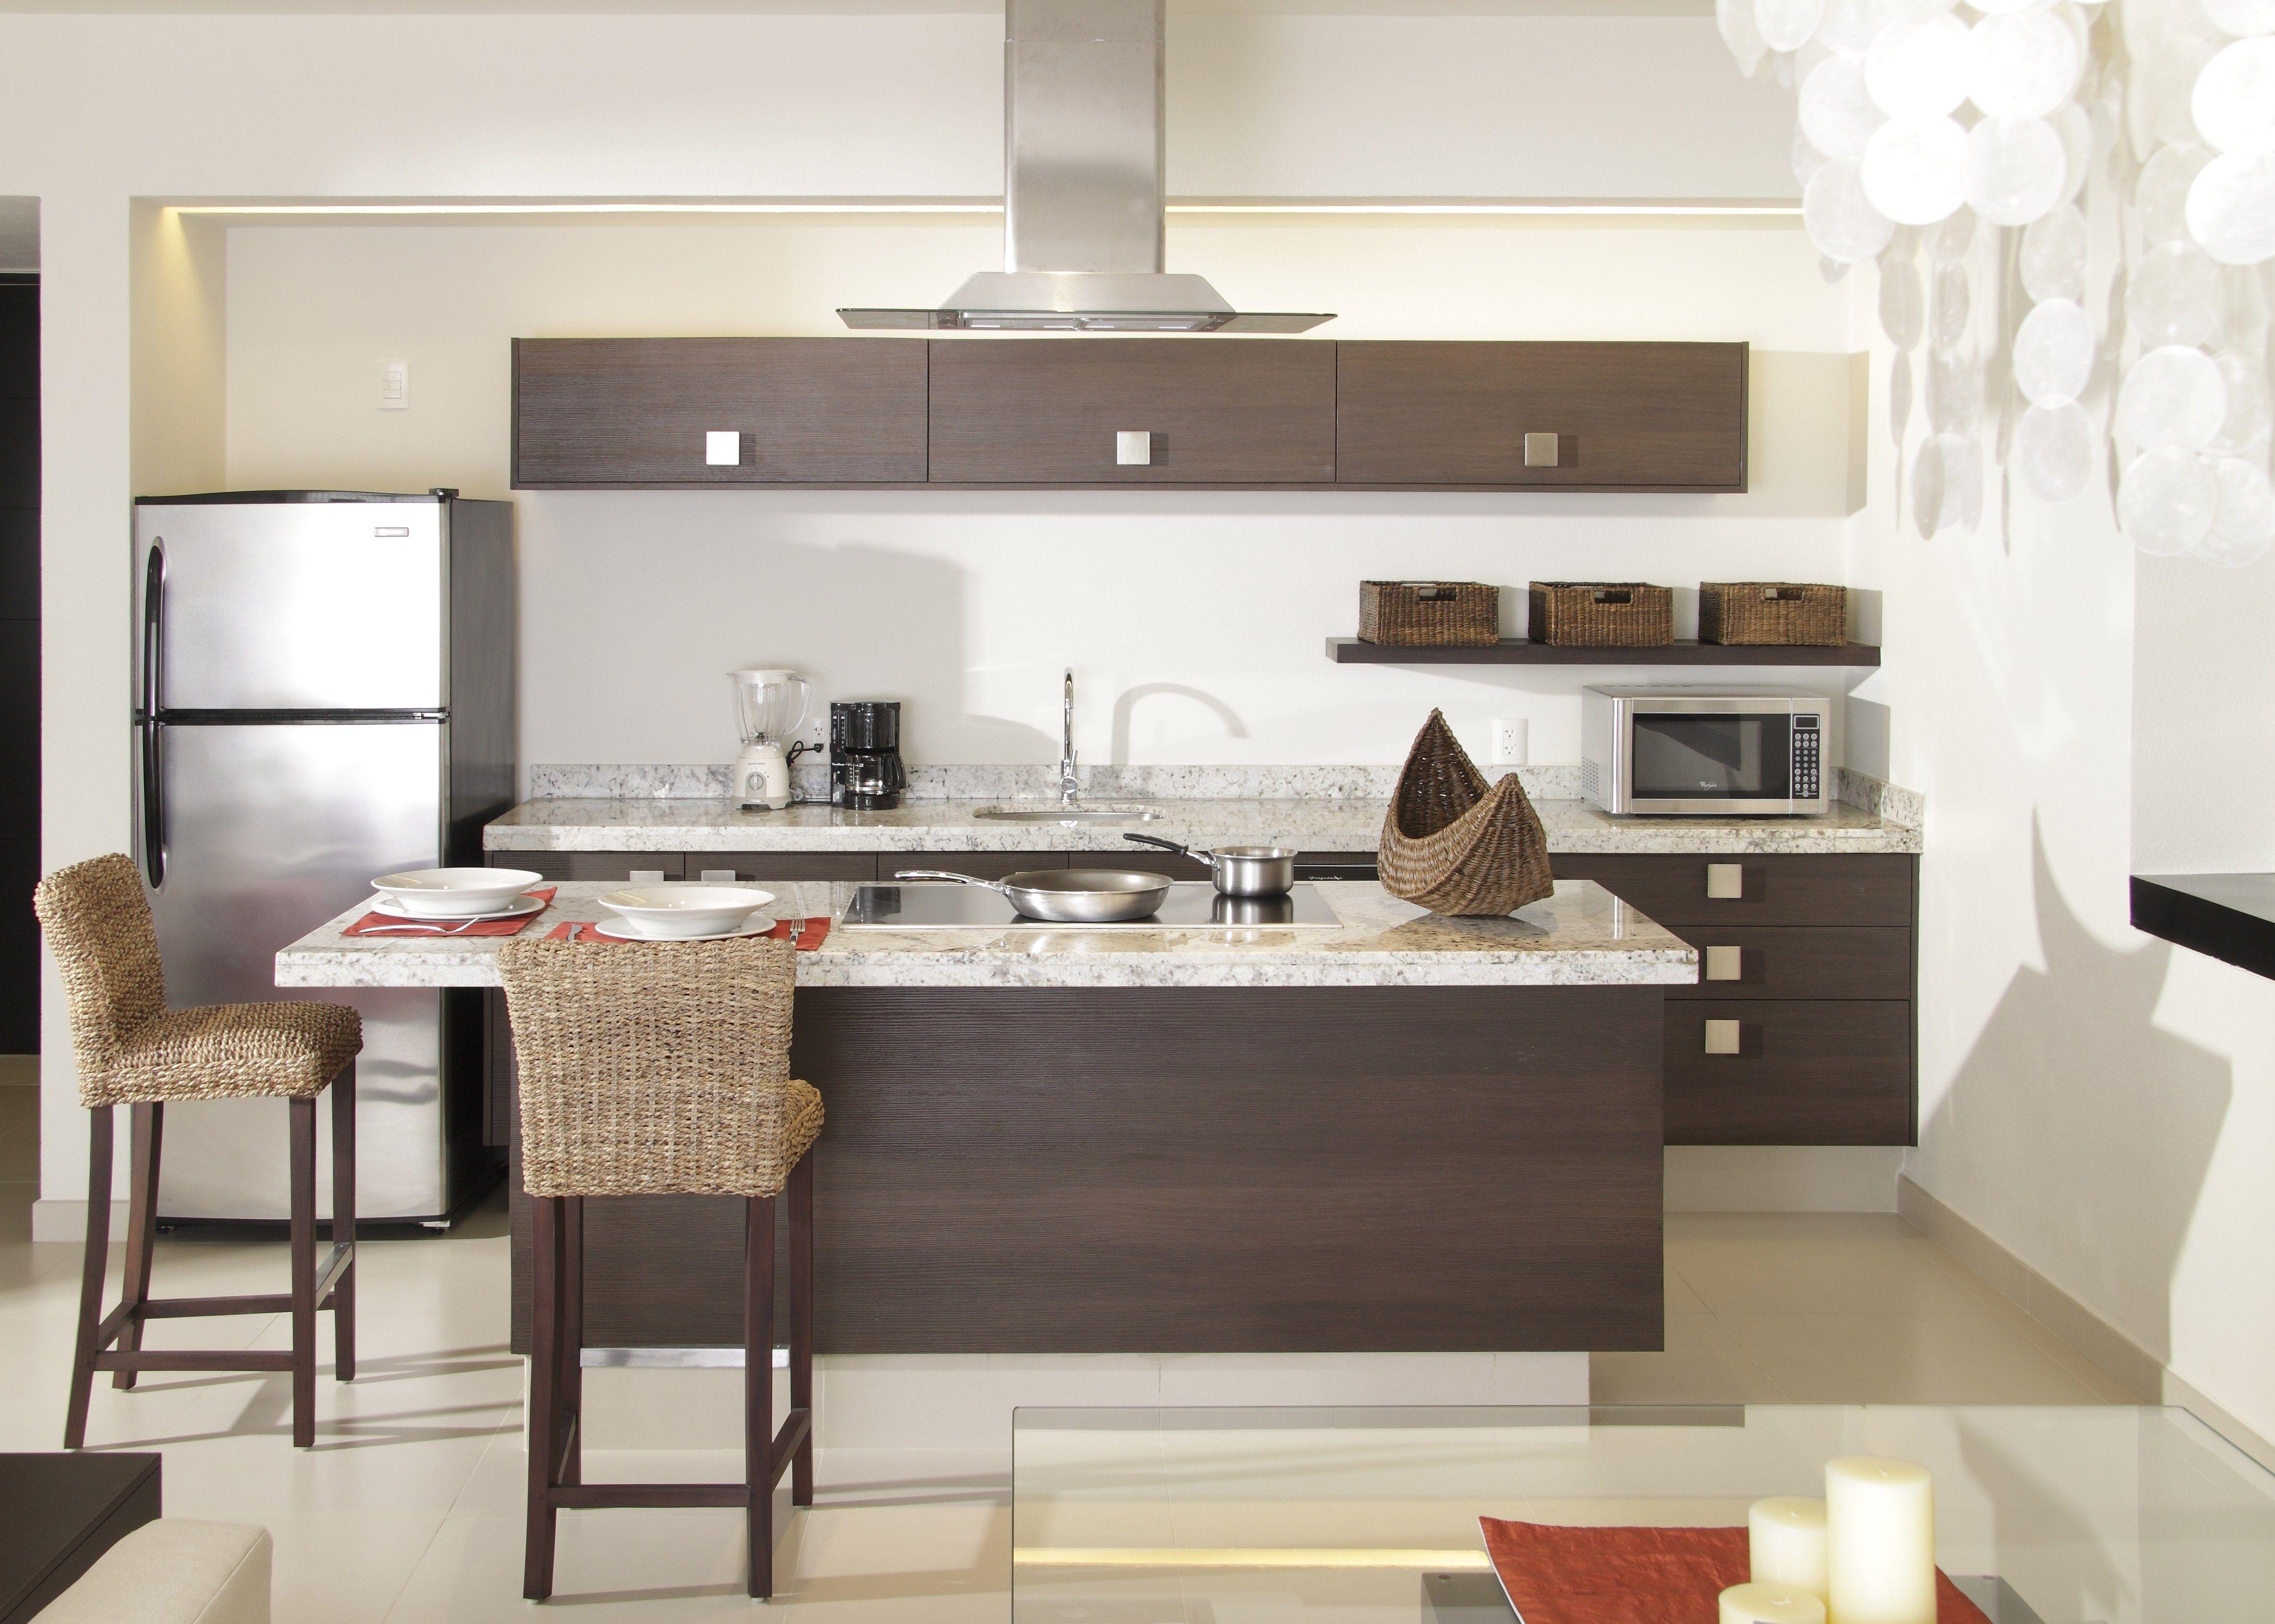 Como dise ar una casa peque a moderna buscar con google for Una cocina moderna